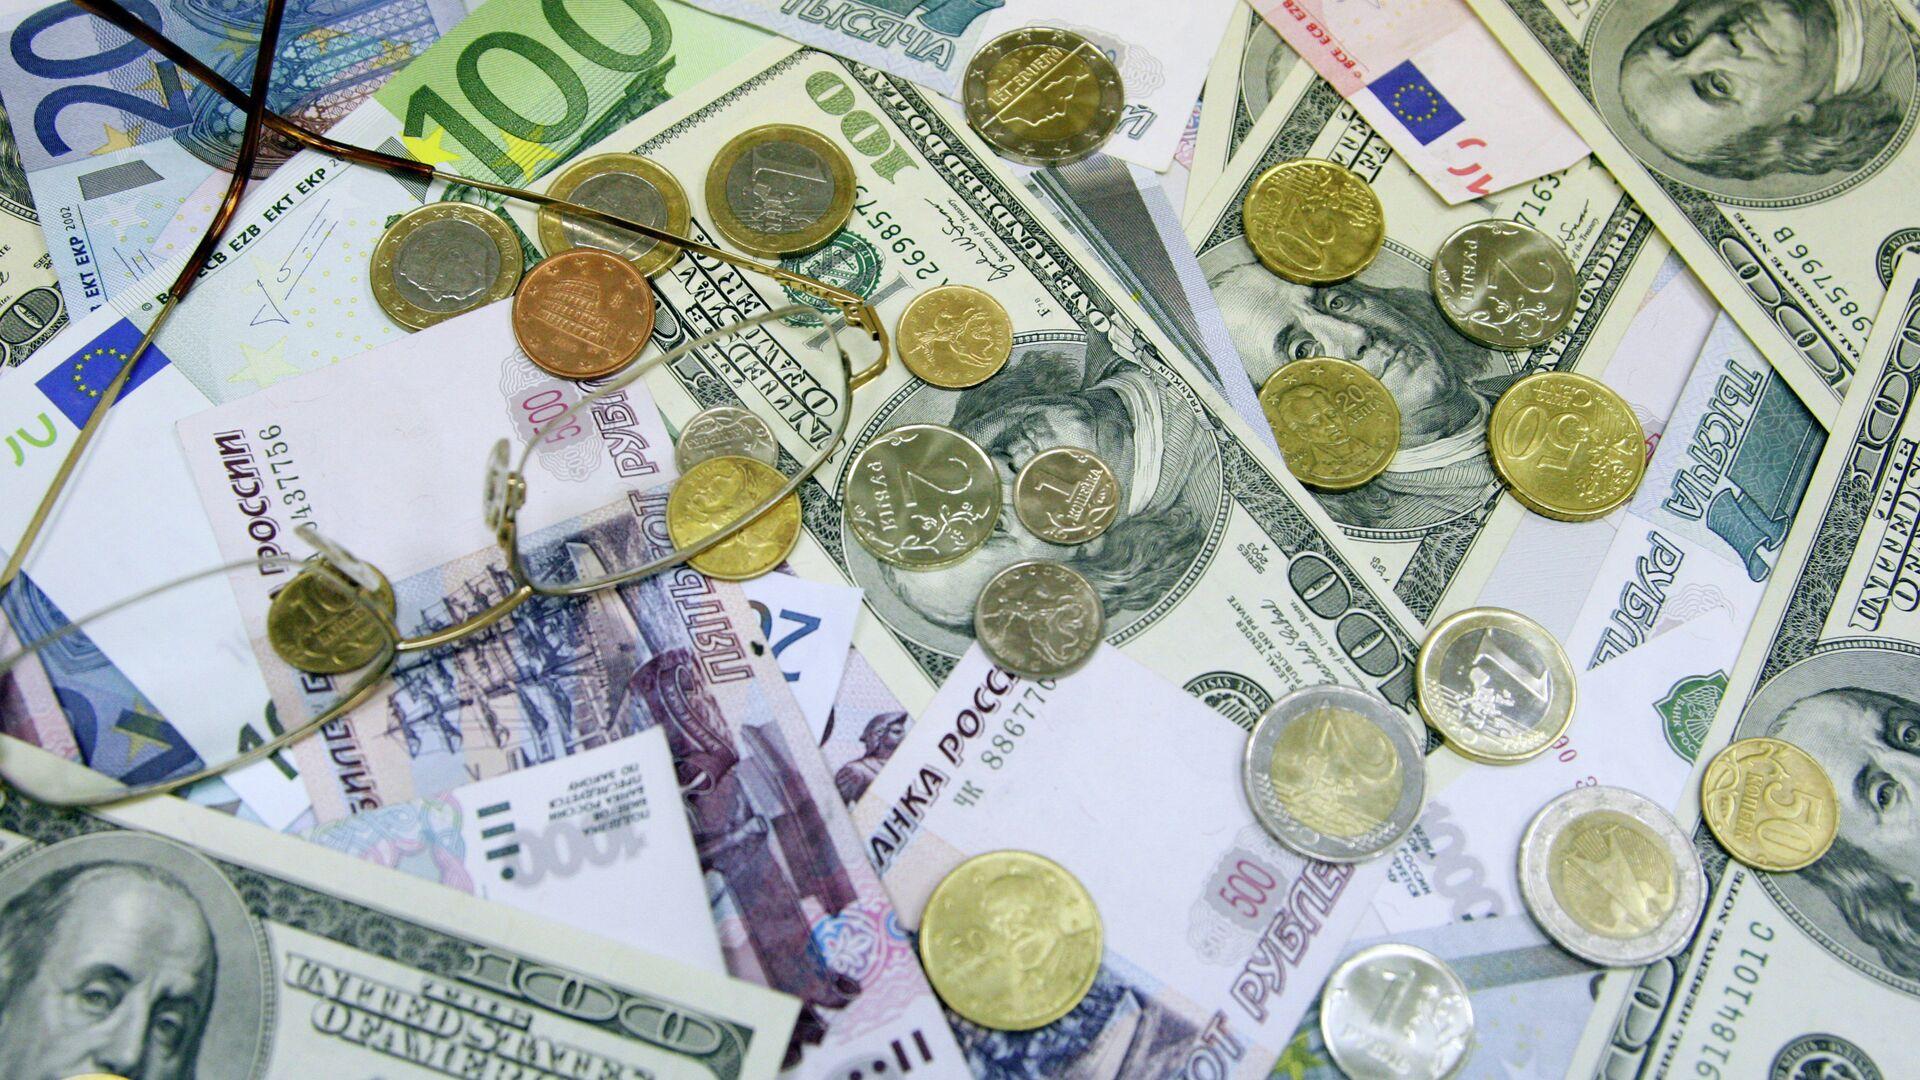 Денежные купюры и монеты: доллары США, евро, рубли - РИА Новости, 1920, 02.11.2020